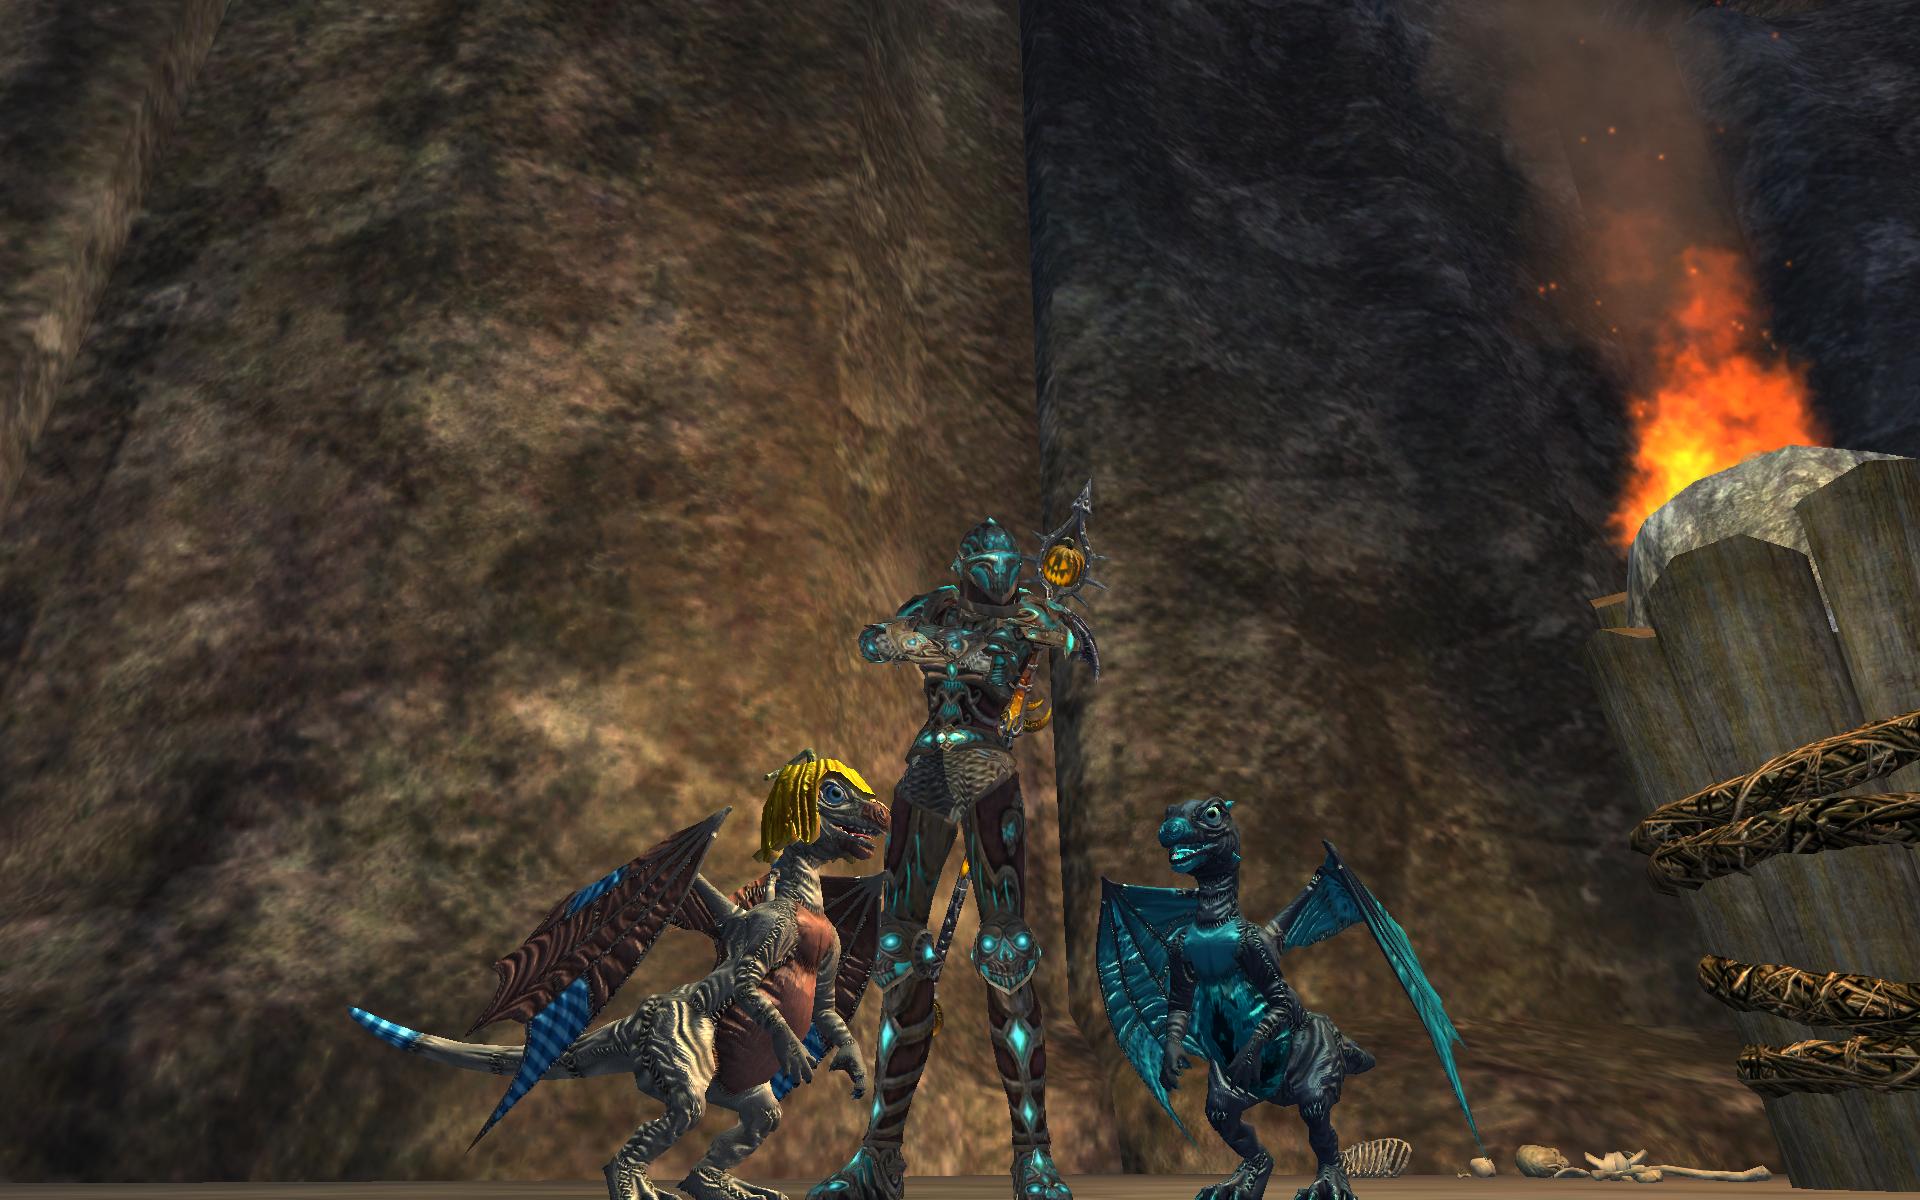 Armor and Burbur Pet